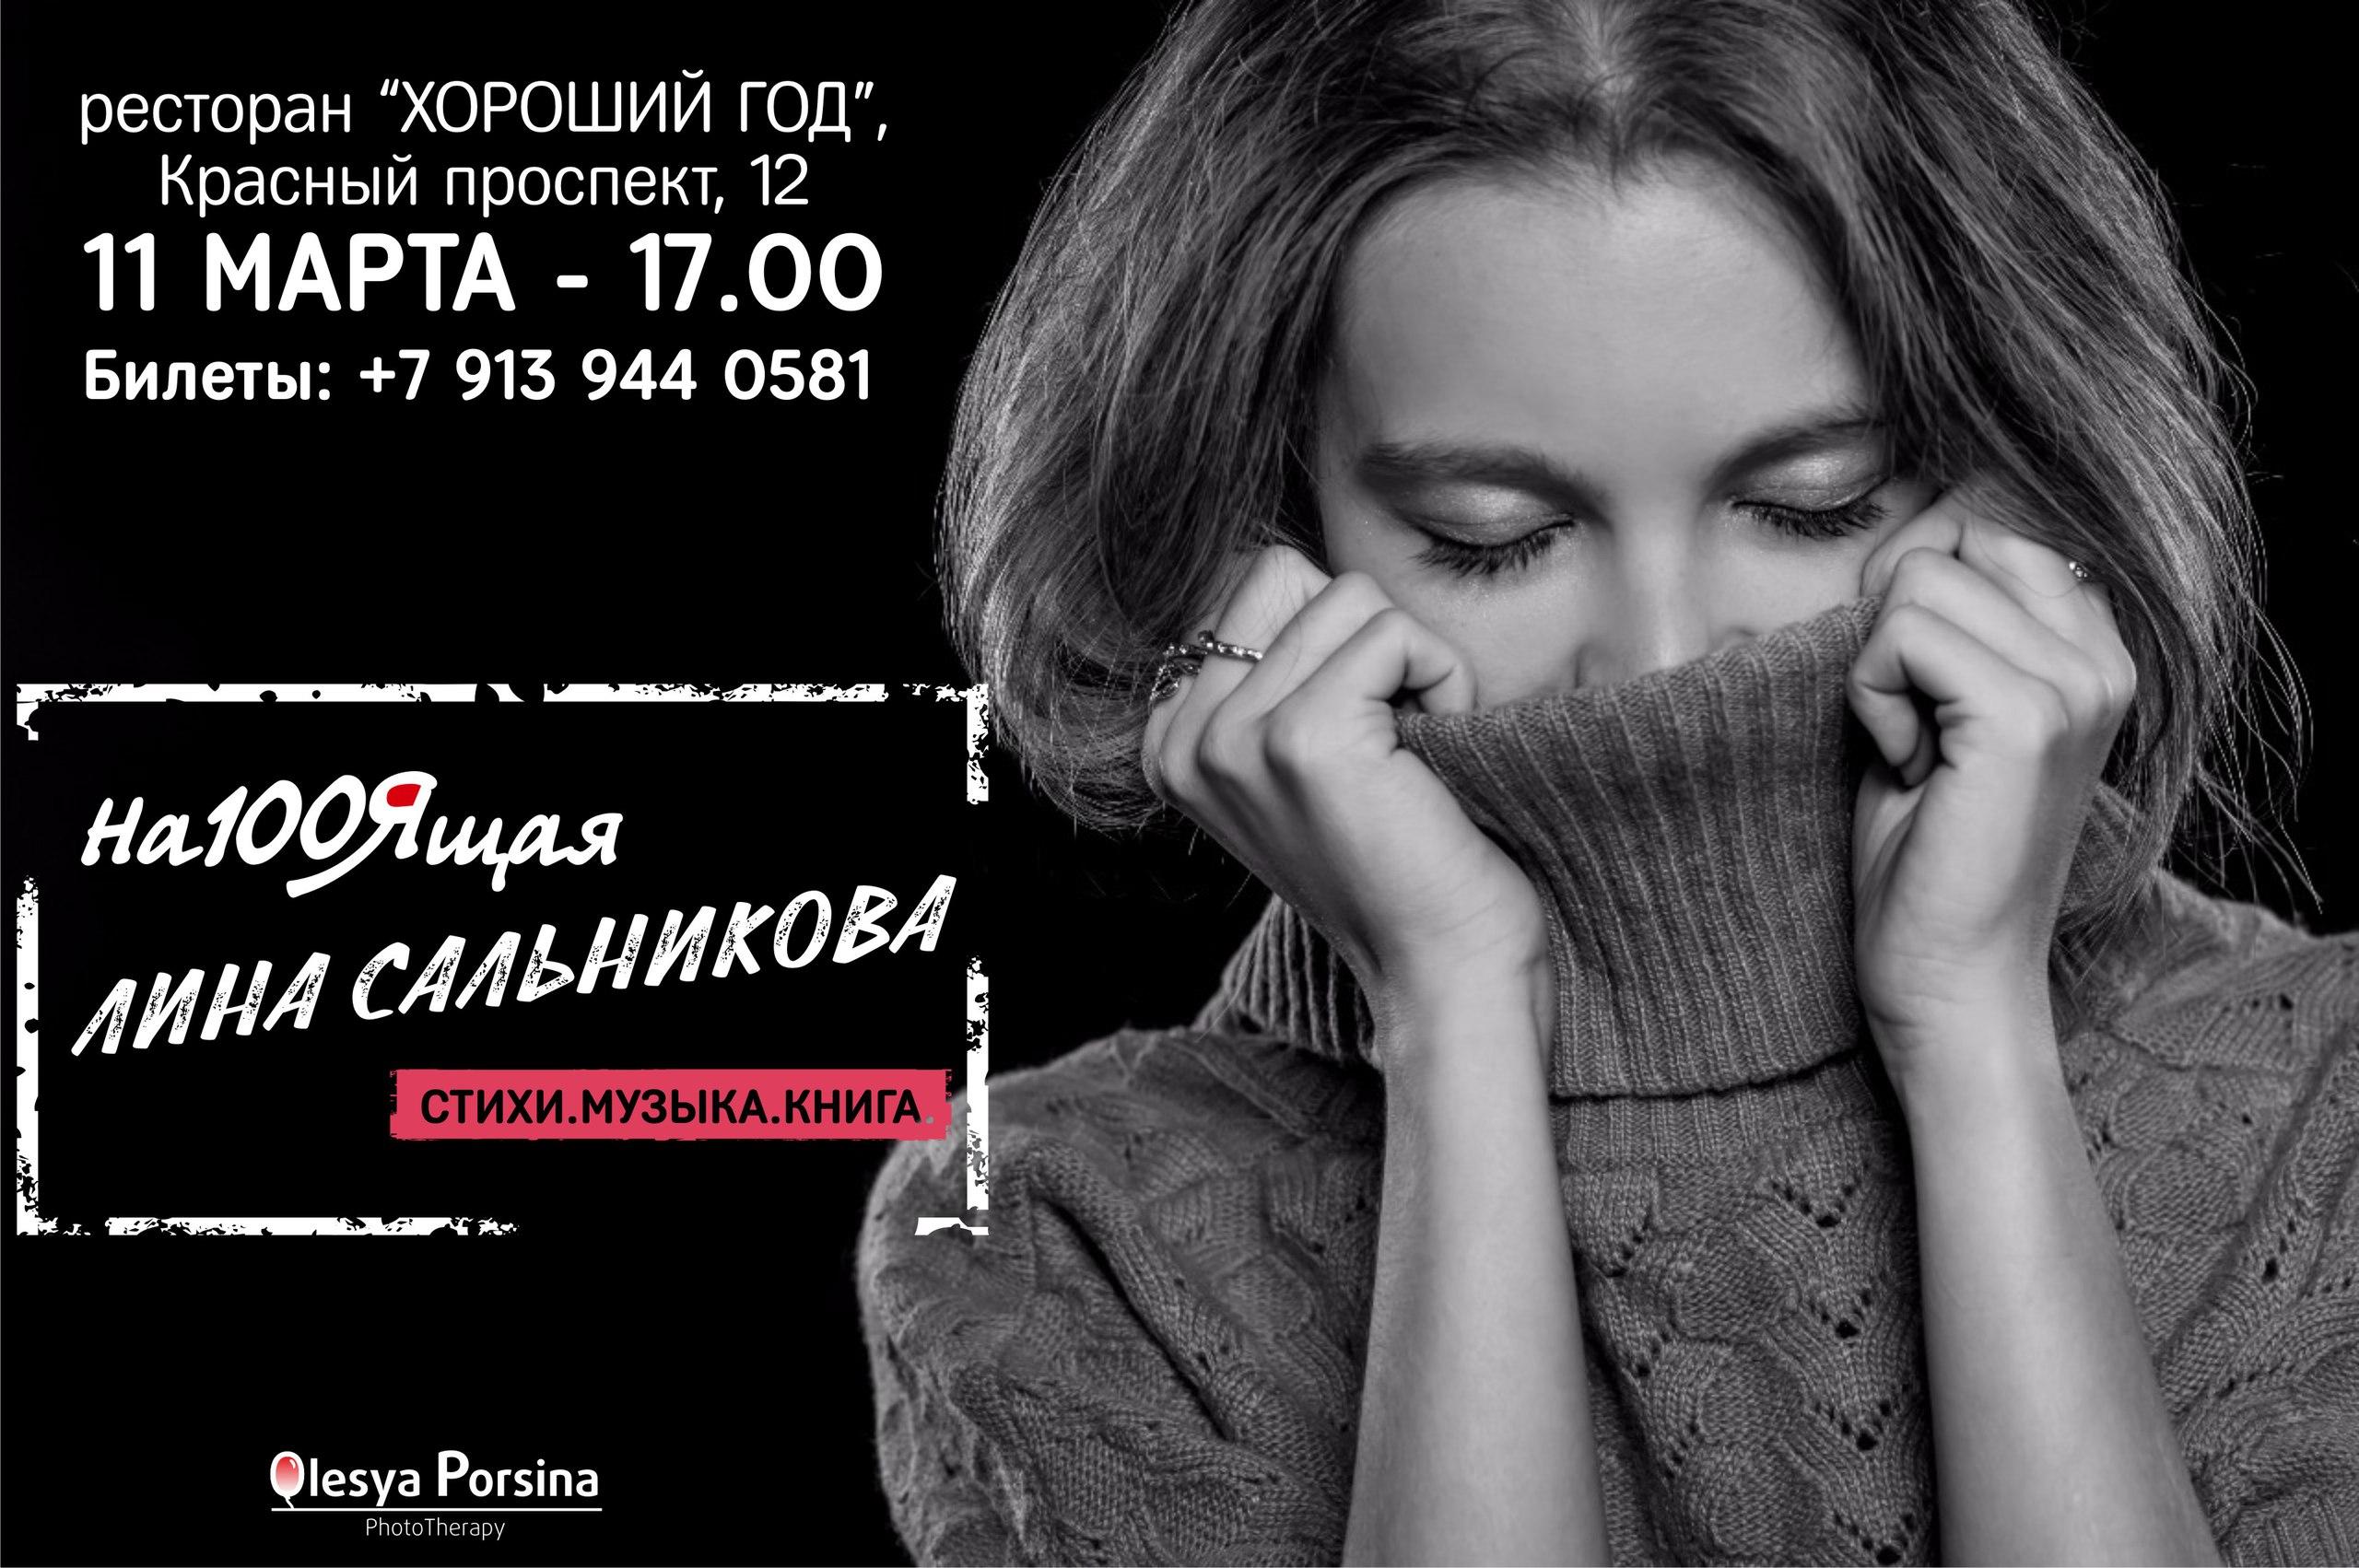 Литературно-музыкальный вечер-встреча с поэтом Линой Сальниковой (Краснодар) станет весенним подарком для всех, кто любит интеллектуальную поэзию и красивый авторский слог